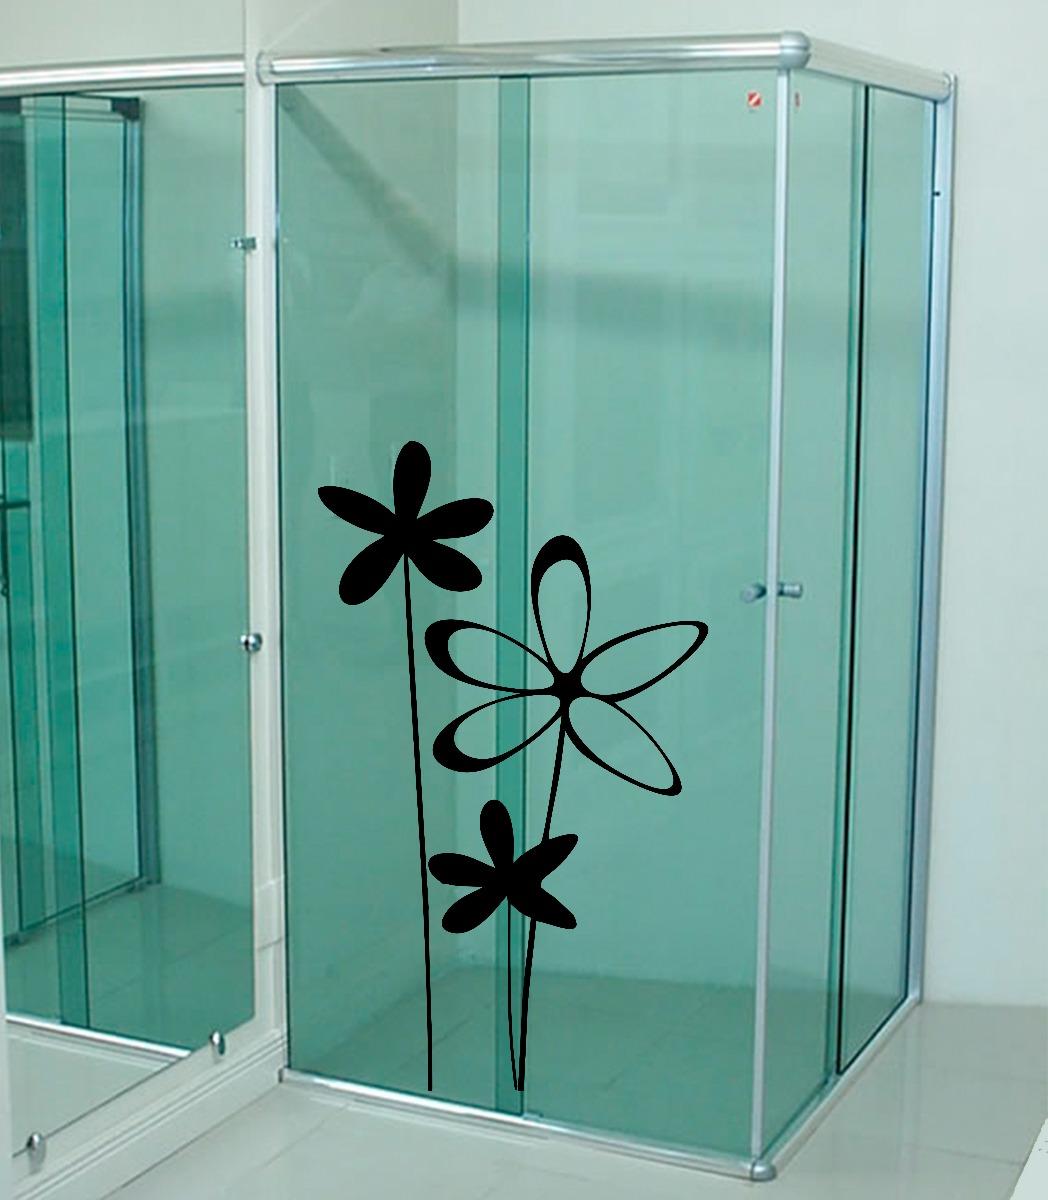 adesivo branco ou jateado p vidros vitrines e box adesivo decorativo p #205B50 1048 1200